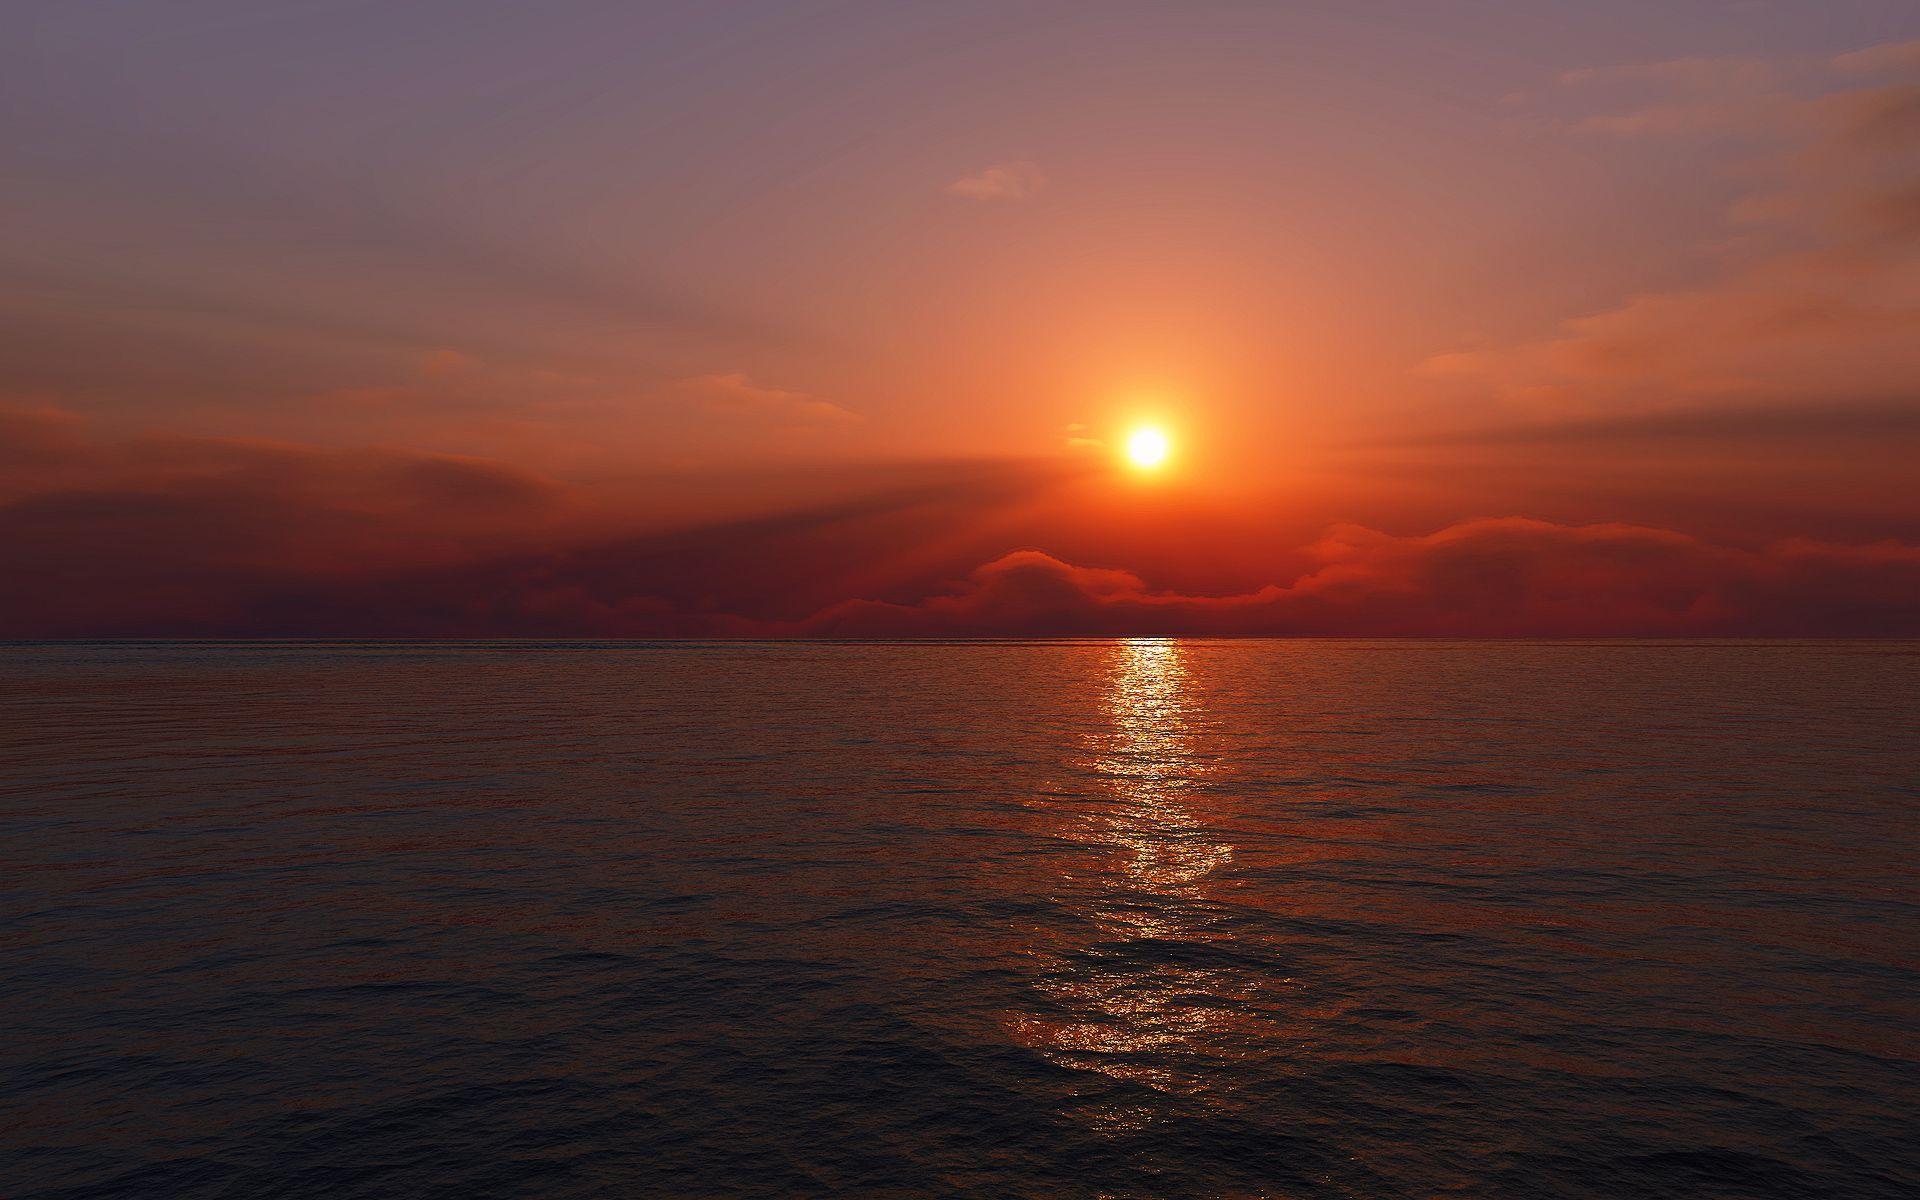 1920x1200 Hình nền mặt trời buổi sáng, Mặt trời buổi sáng Hình nền HD.  Hình nền